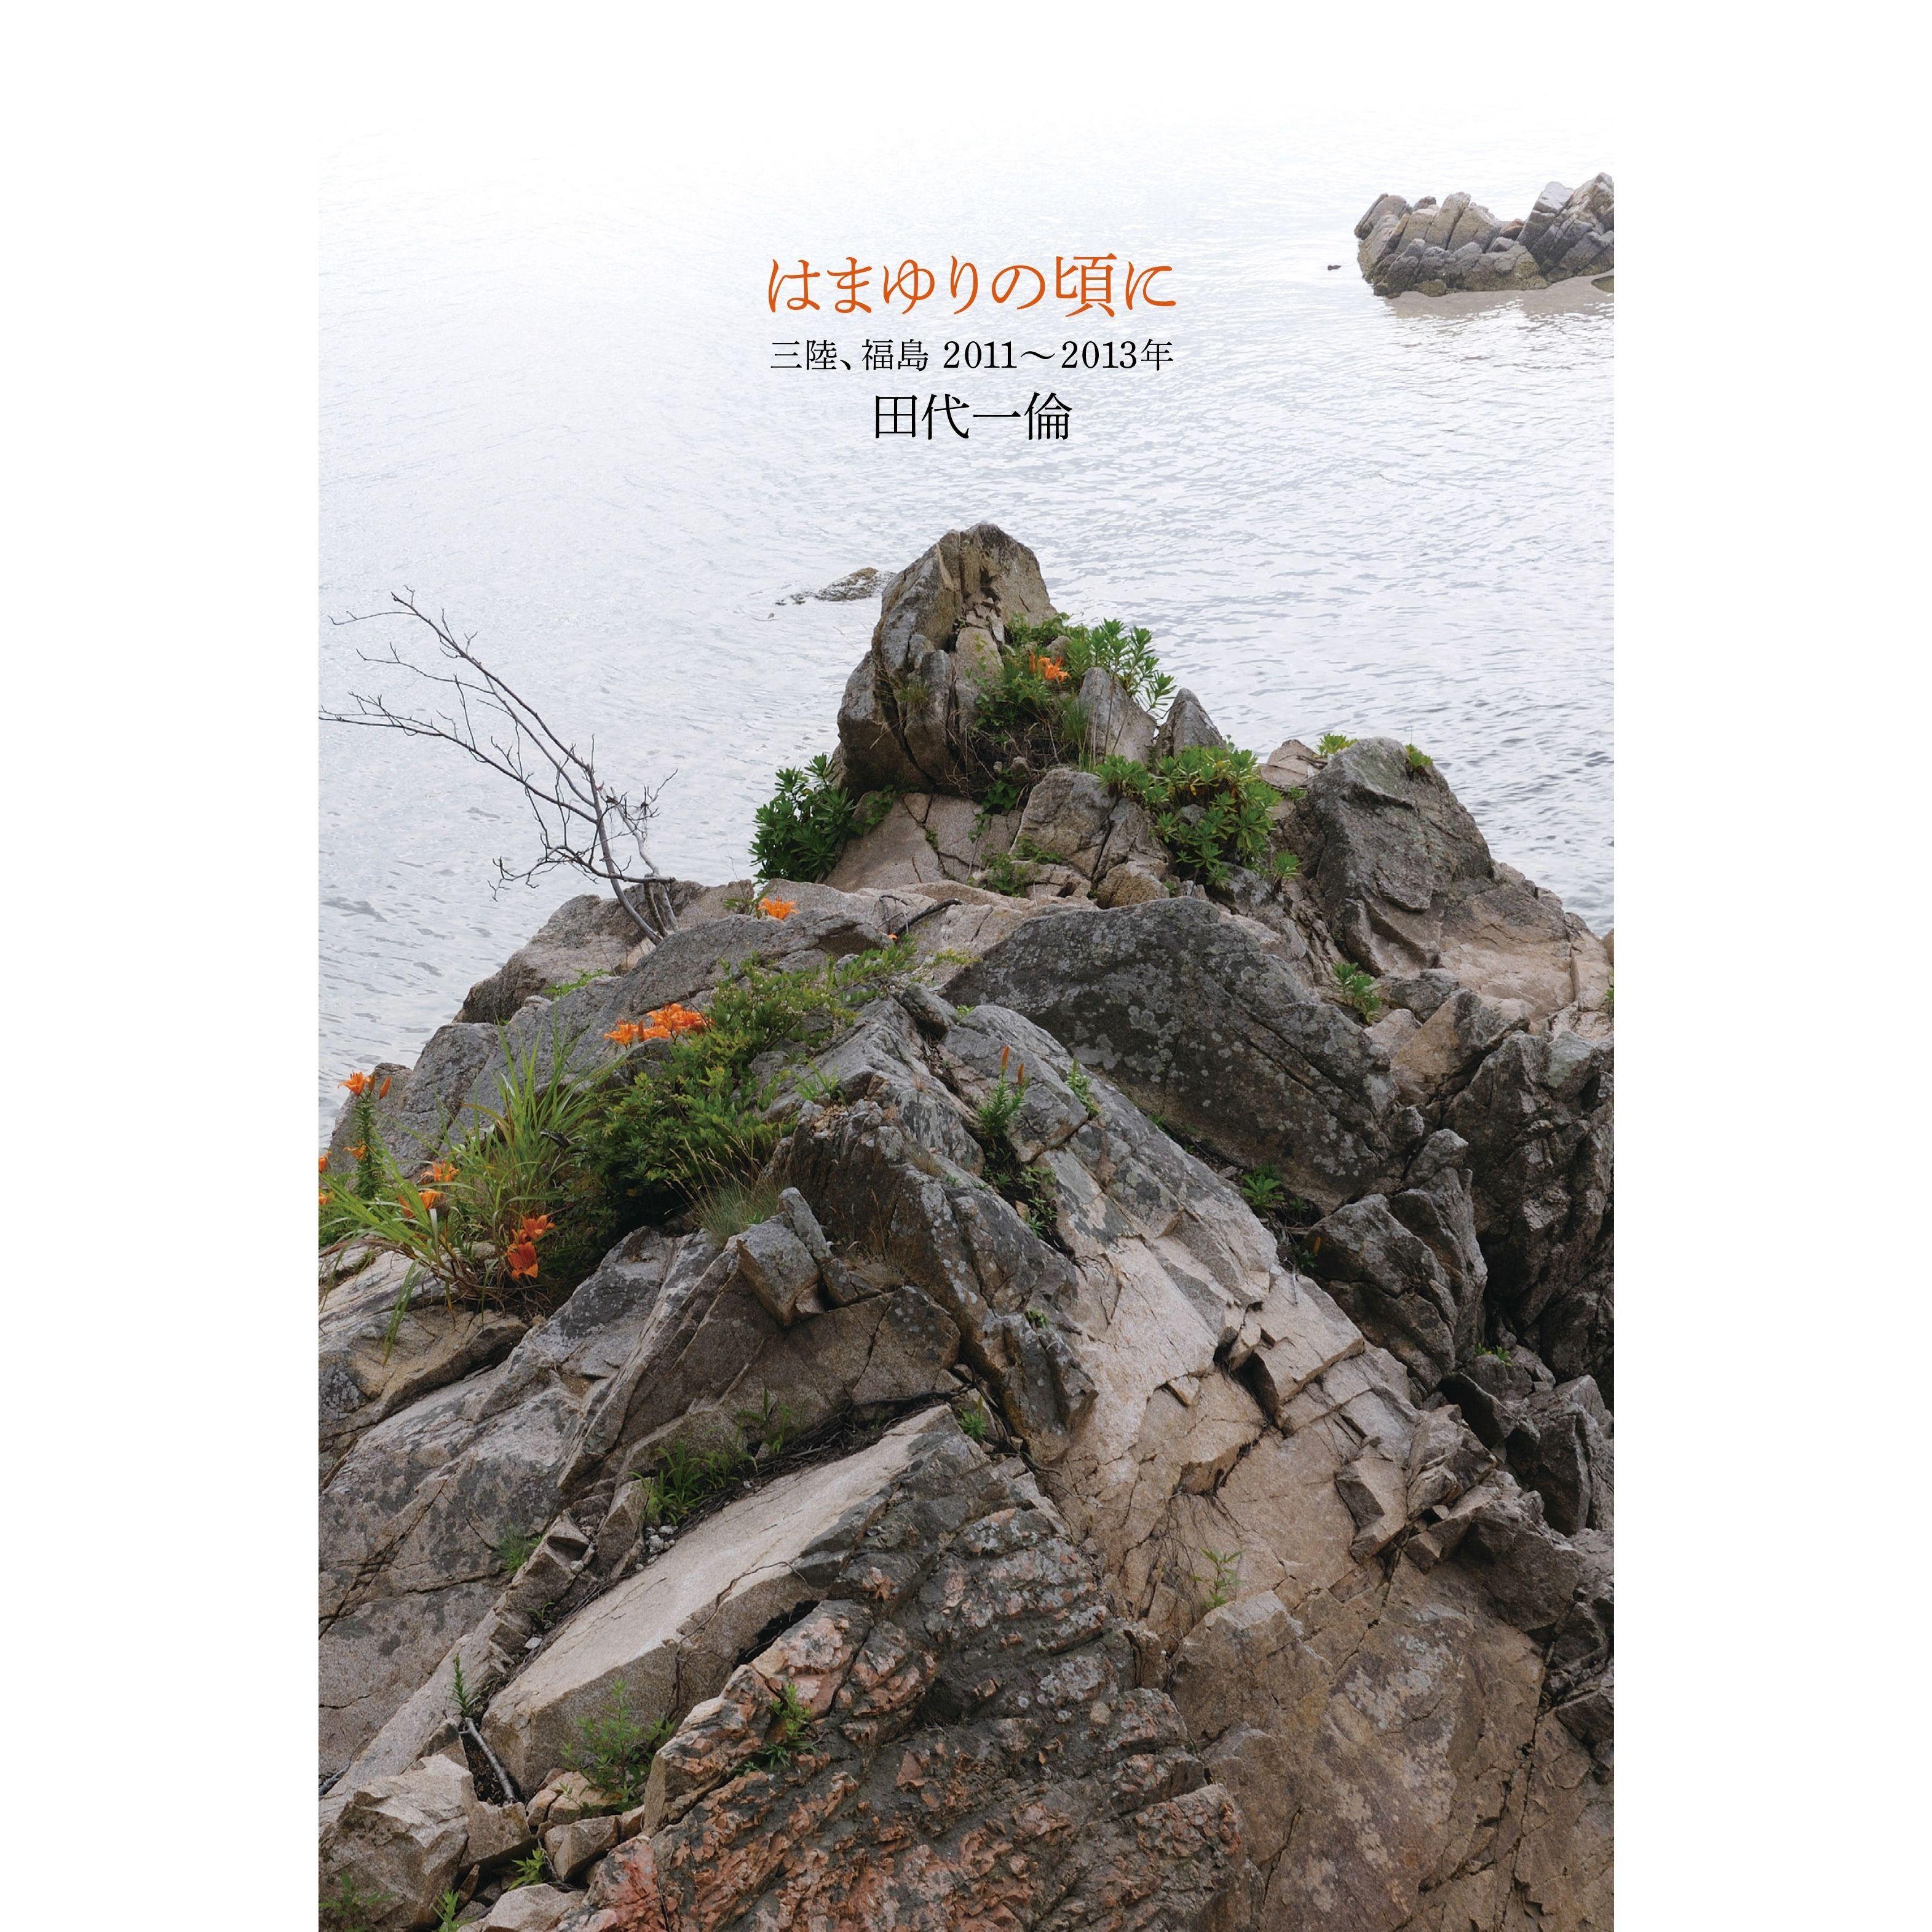 田代一倫写真集 はまゆりの頃に 三陸、福島 2011~2013年